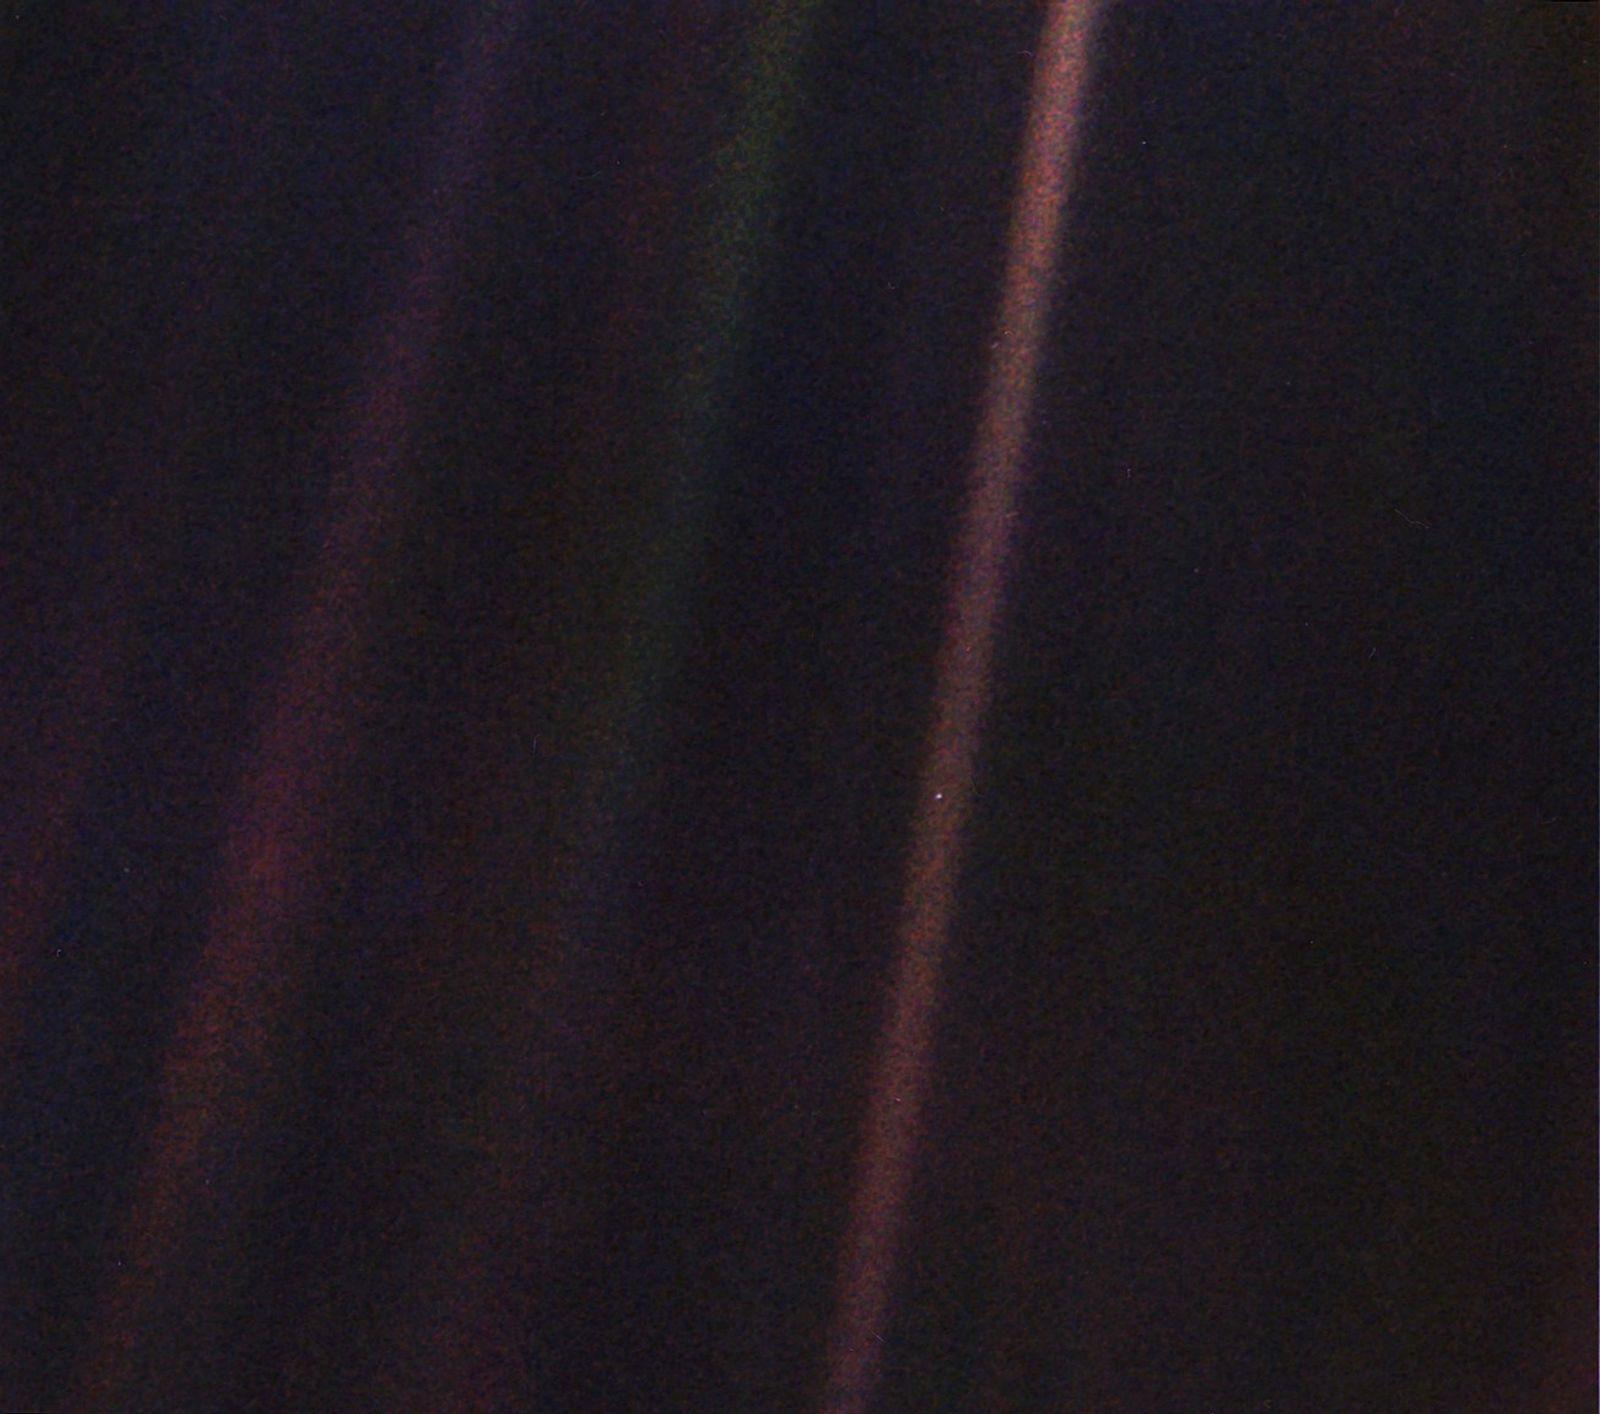 A Primeira Pessoa a ver a Imagem 'Pálido Ponto Azul' Ainda a tem Guardada